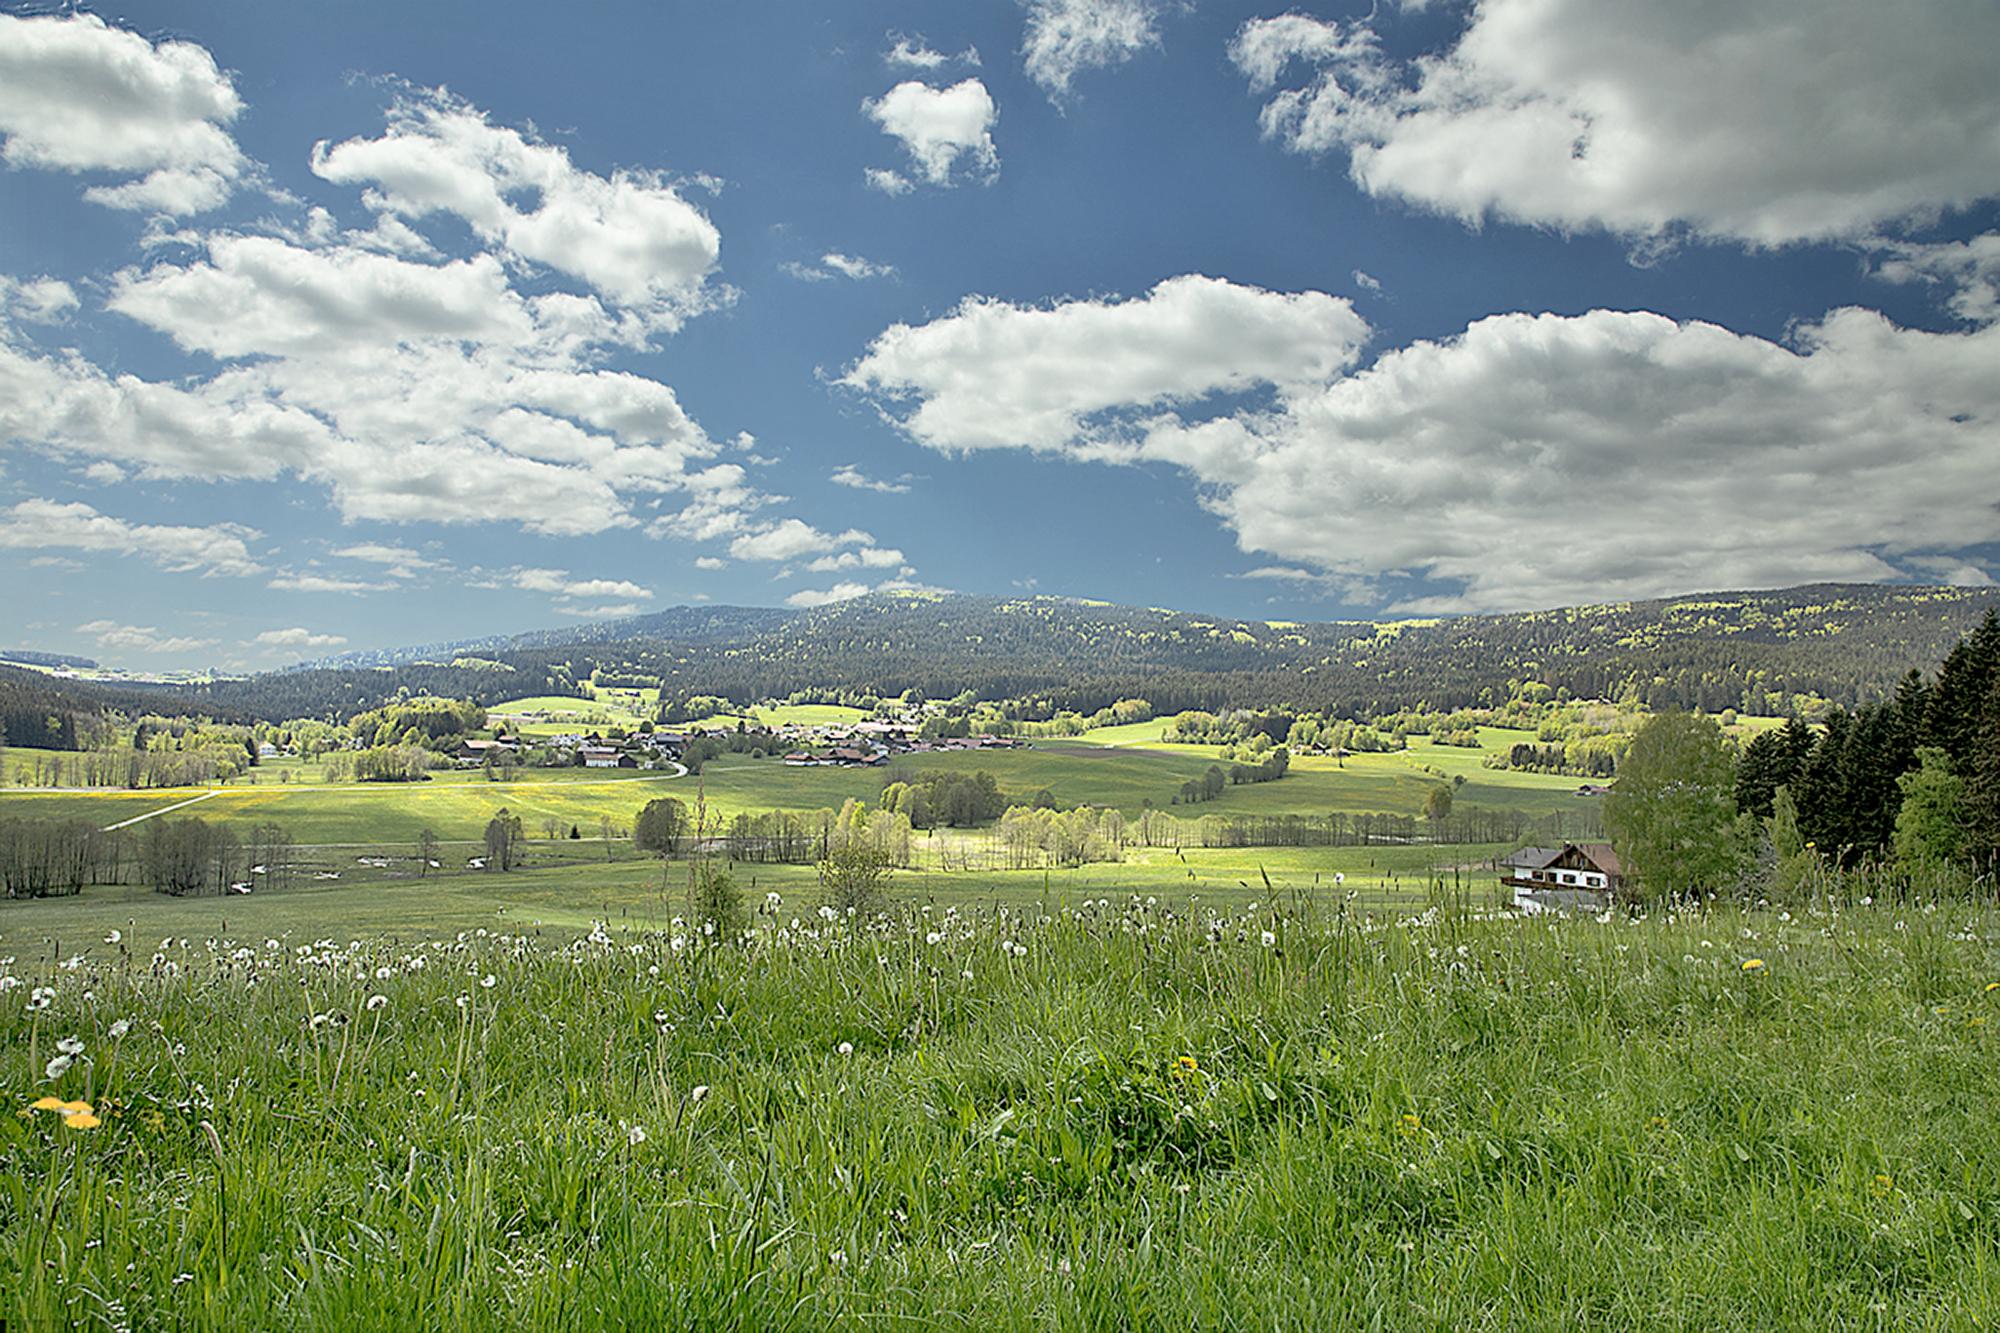 Ein Ort mit grünen Wiesen und weißblauen Himmel